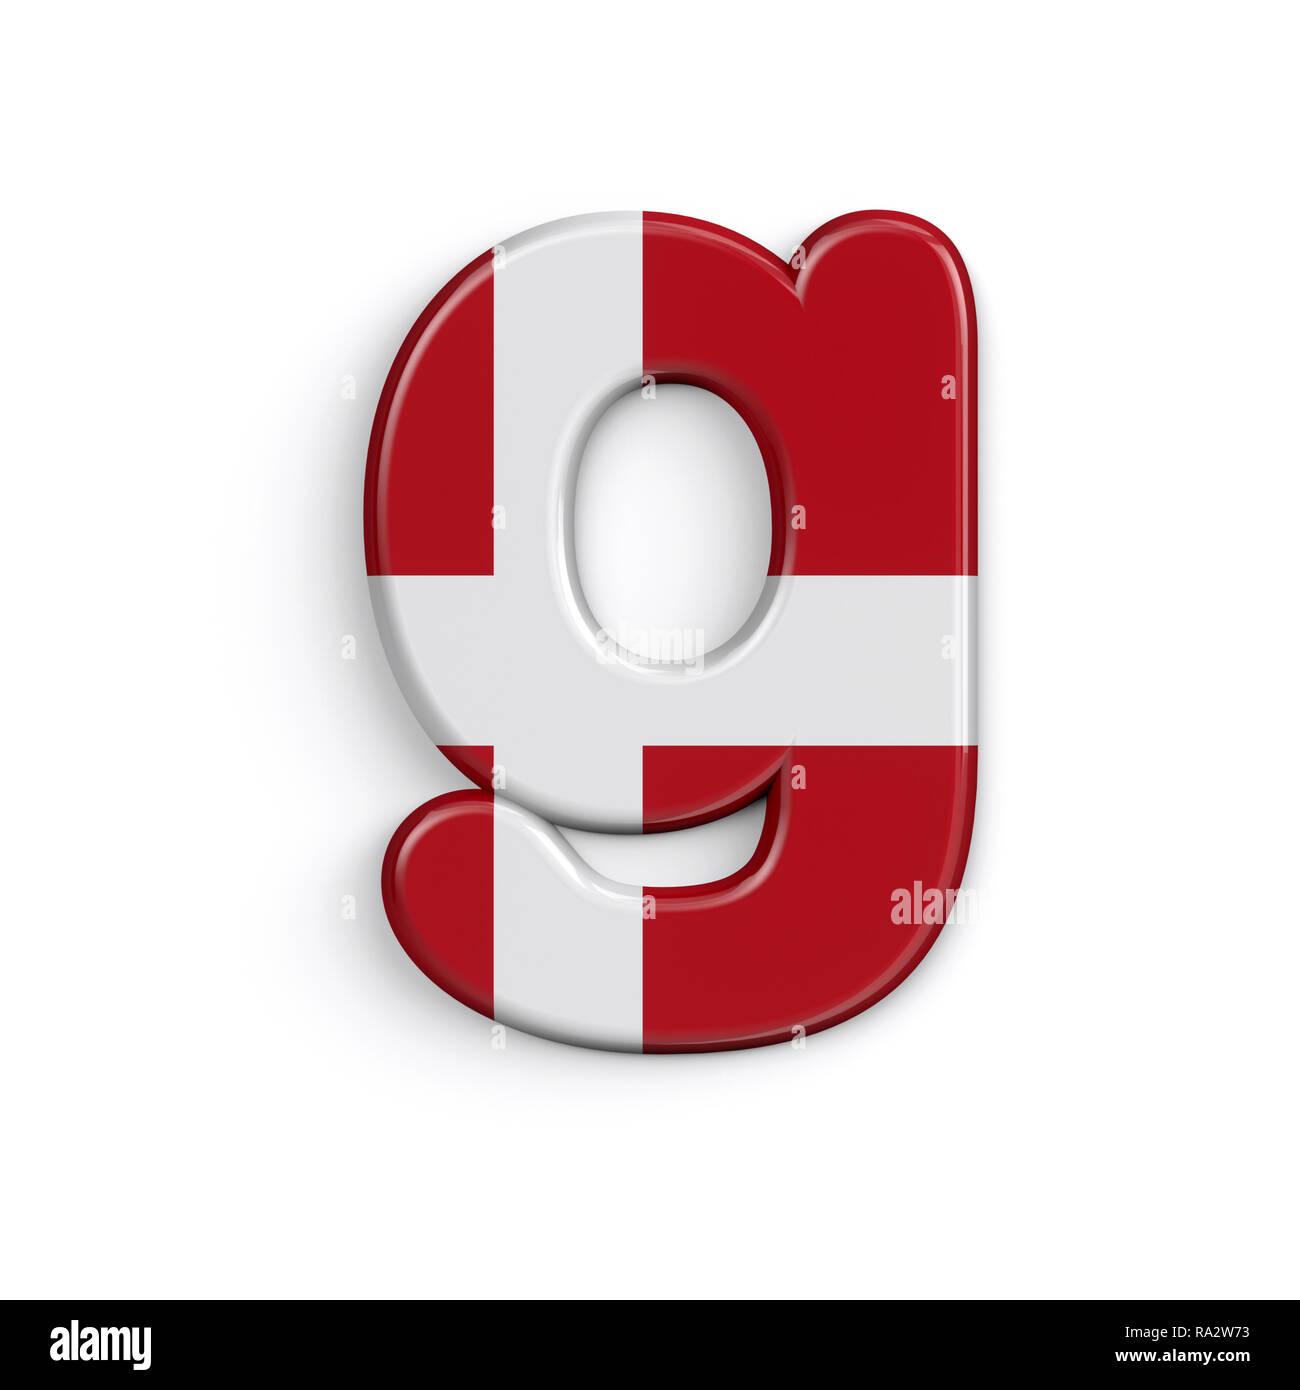 Dinamarca la letra G - 3d minúscula bandera danesa font aislado sobre fondo blanco. Este alfabeto es perfecto para creativos ilustraciones relacionadas pero no lim Foto de stock